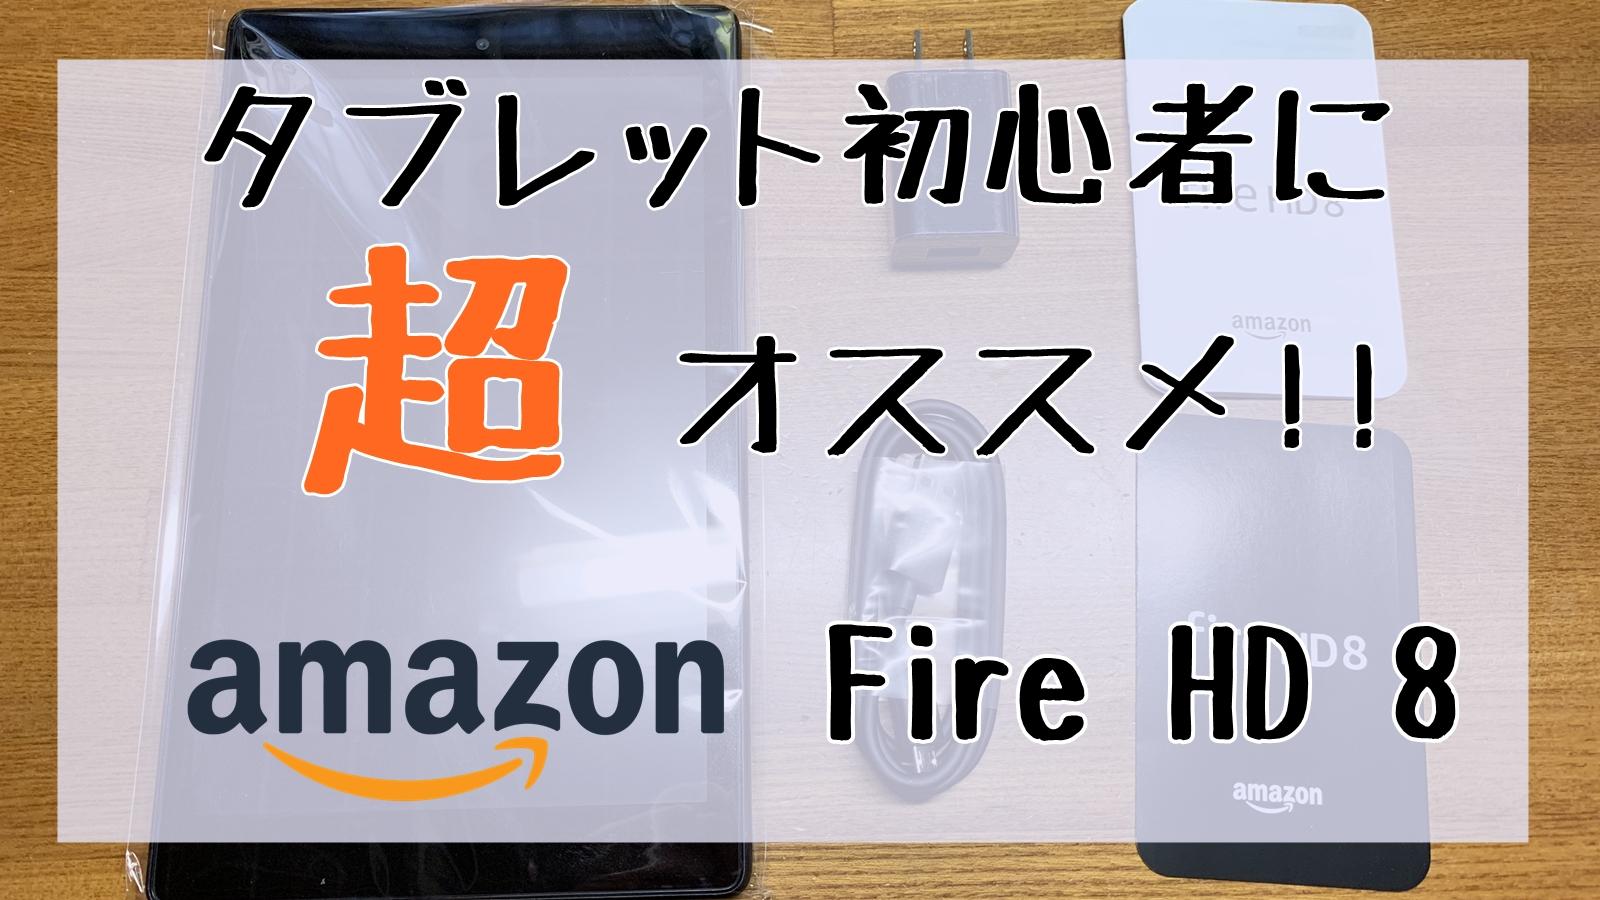 fireタブレット紹介記事のアイキャッチ